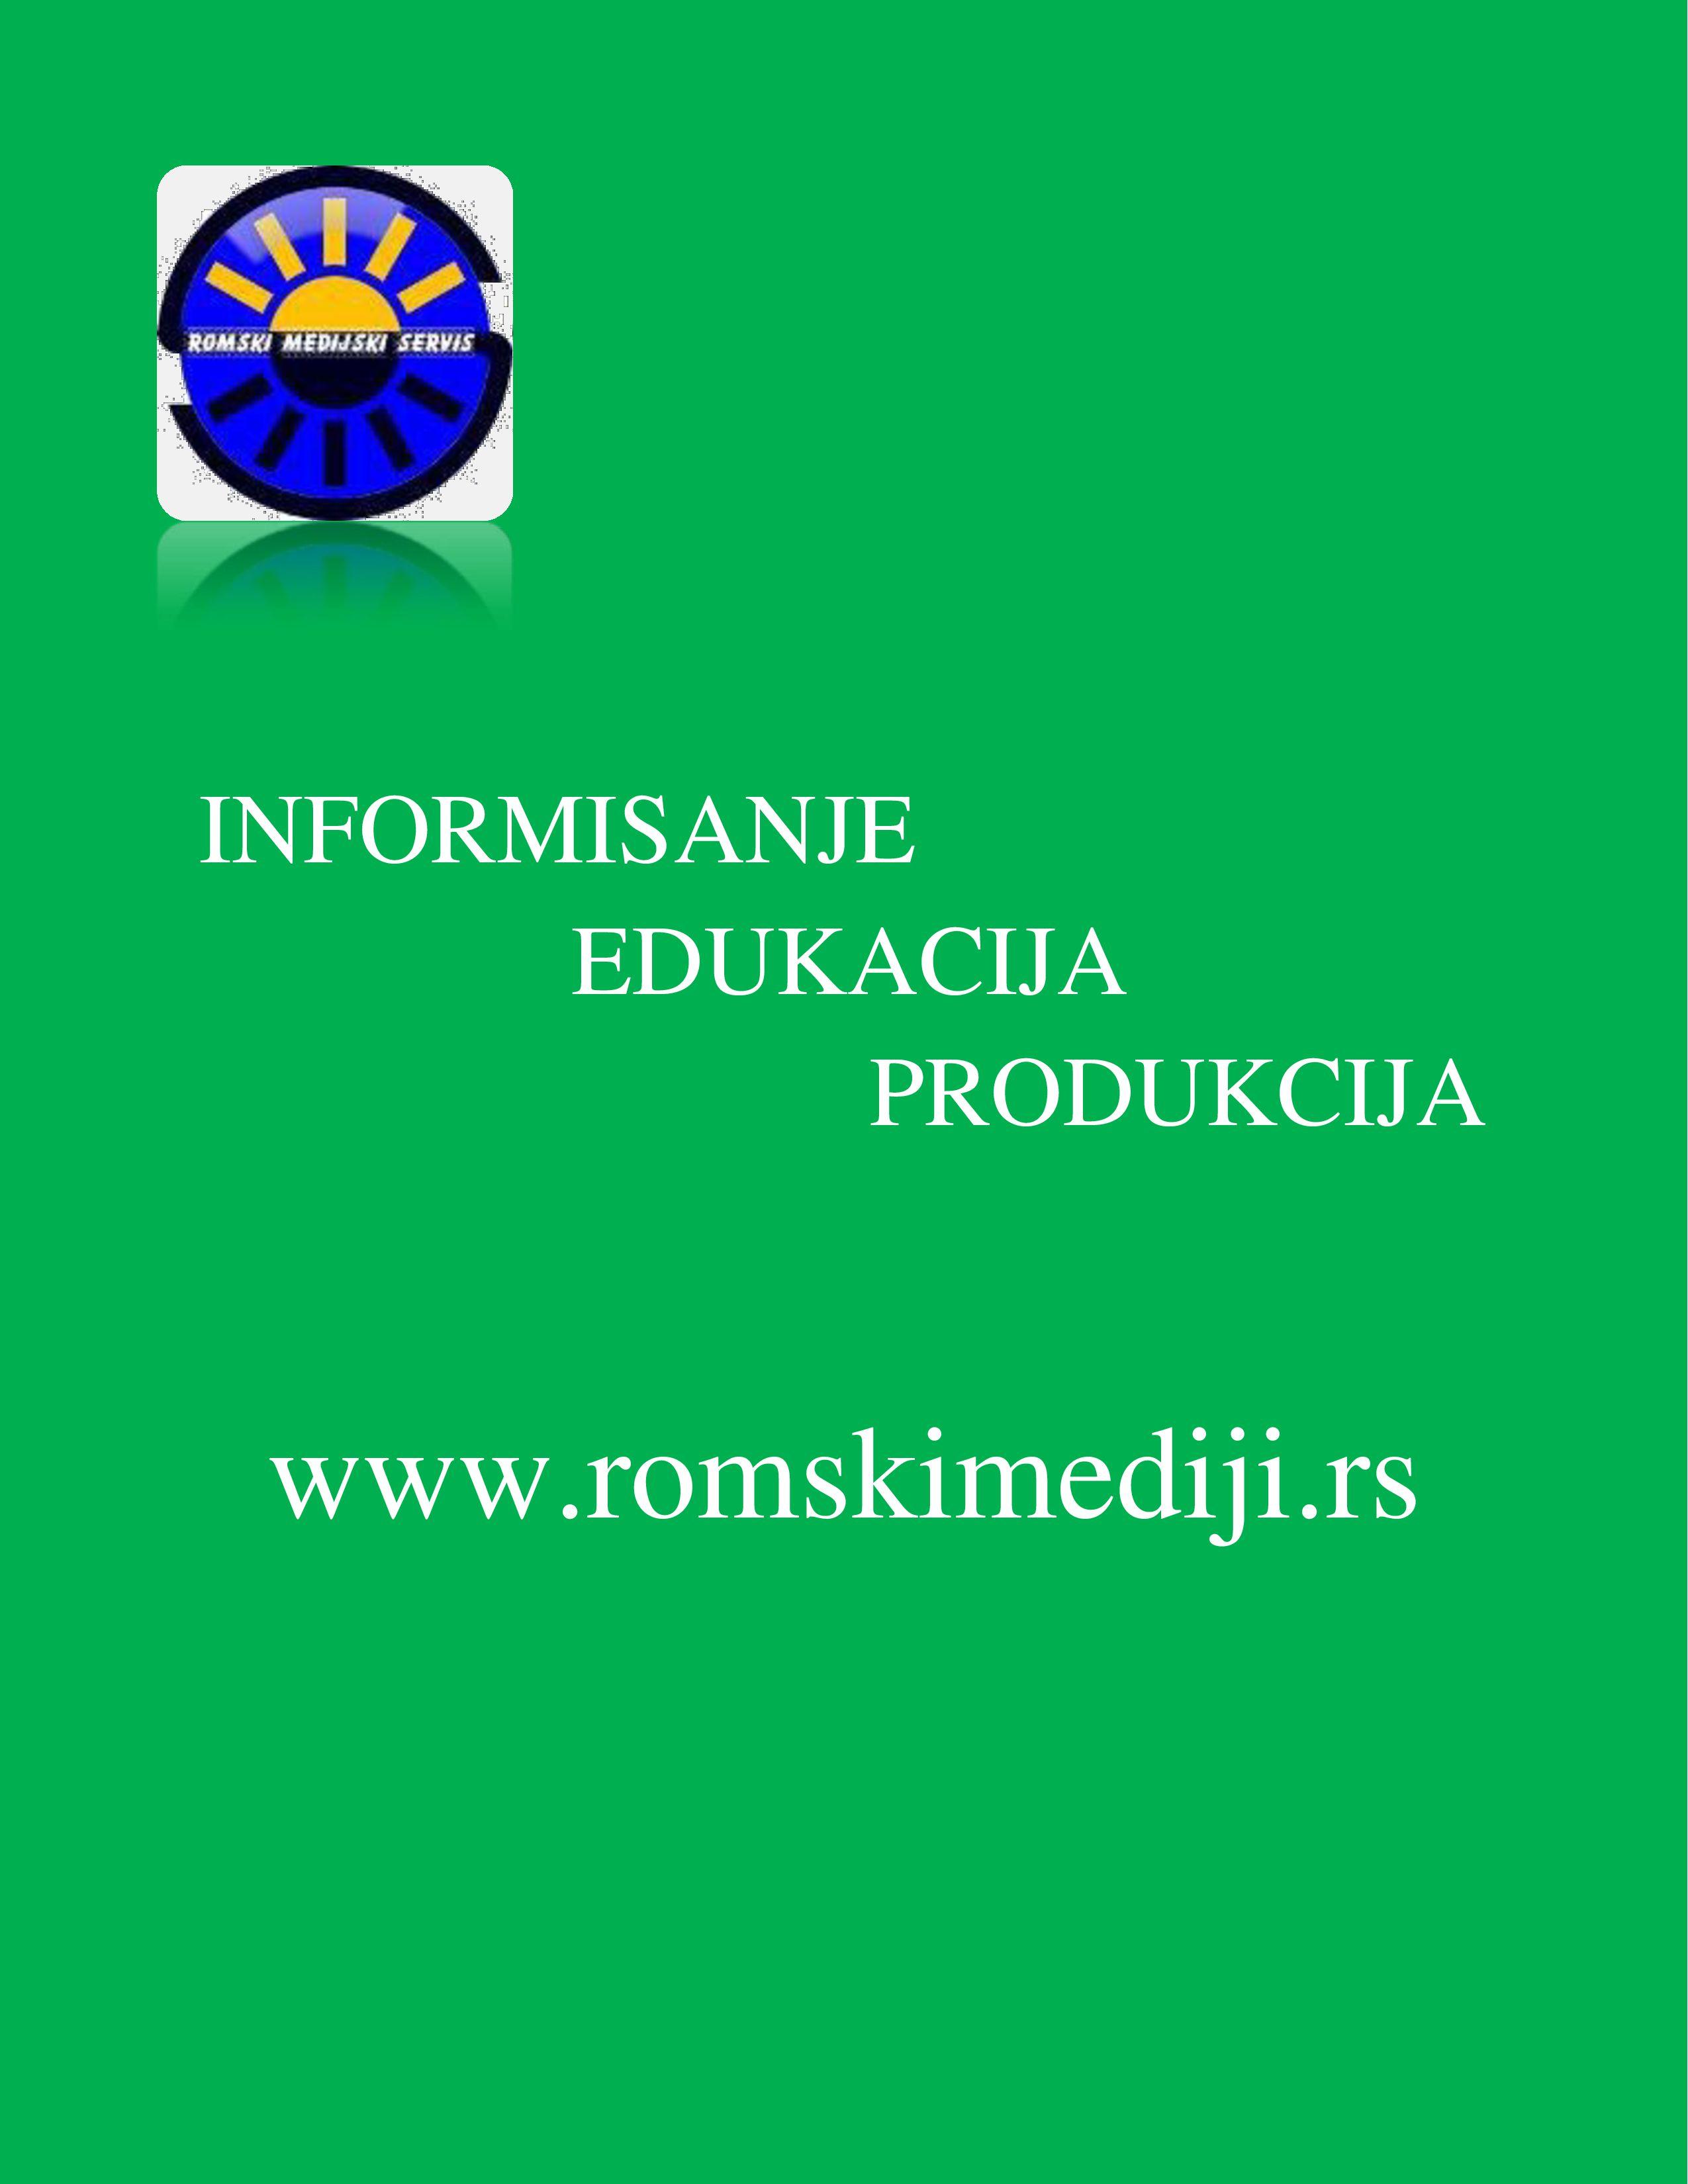 Besplatna obuka za mlade Romkinje